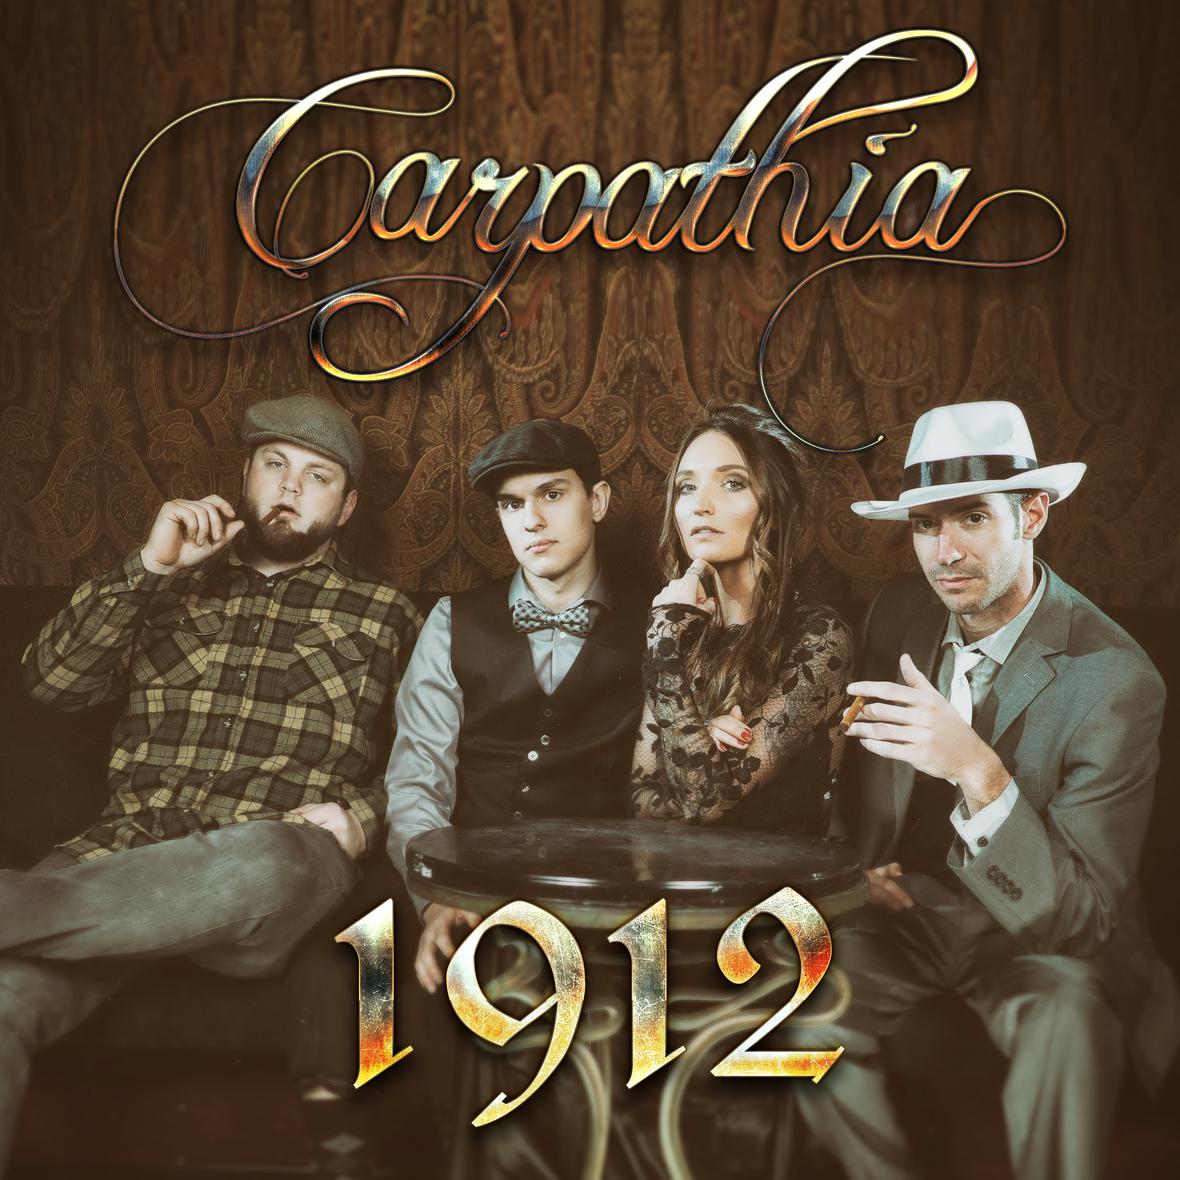 carpathia 1912.png